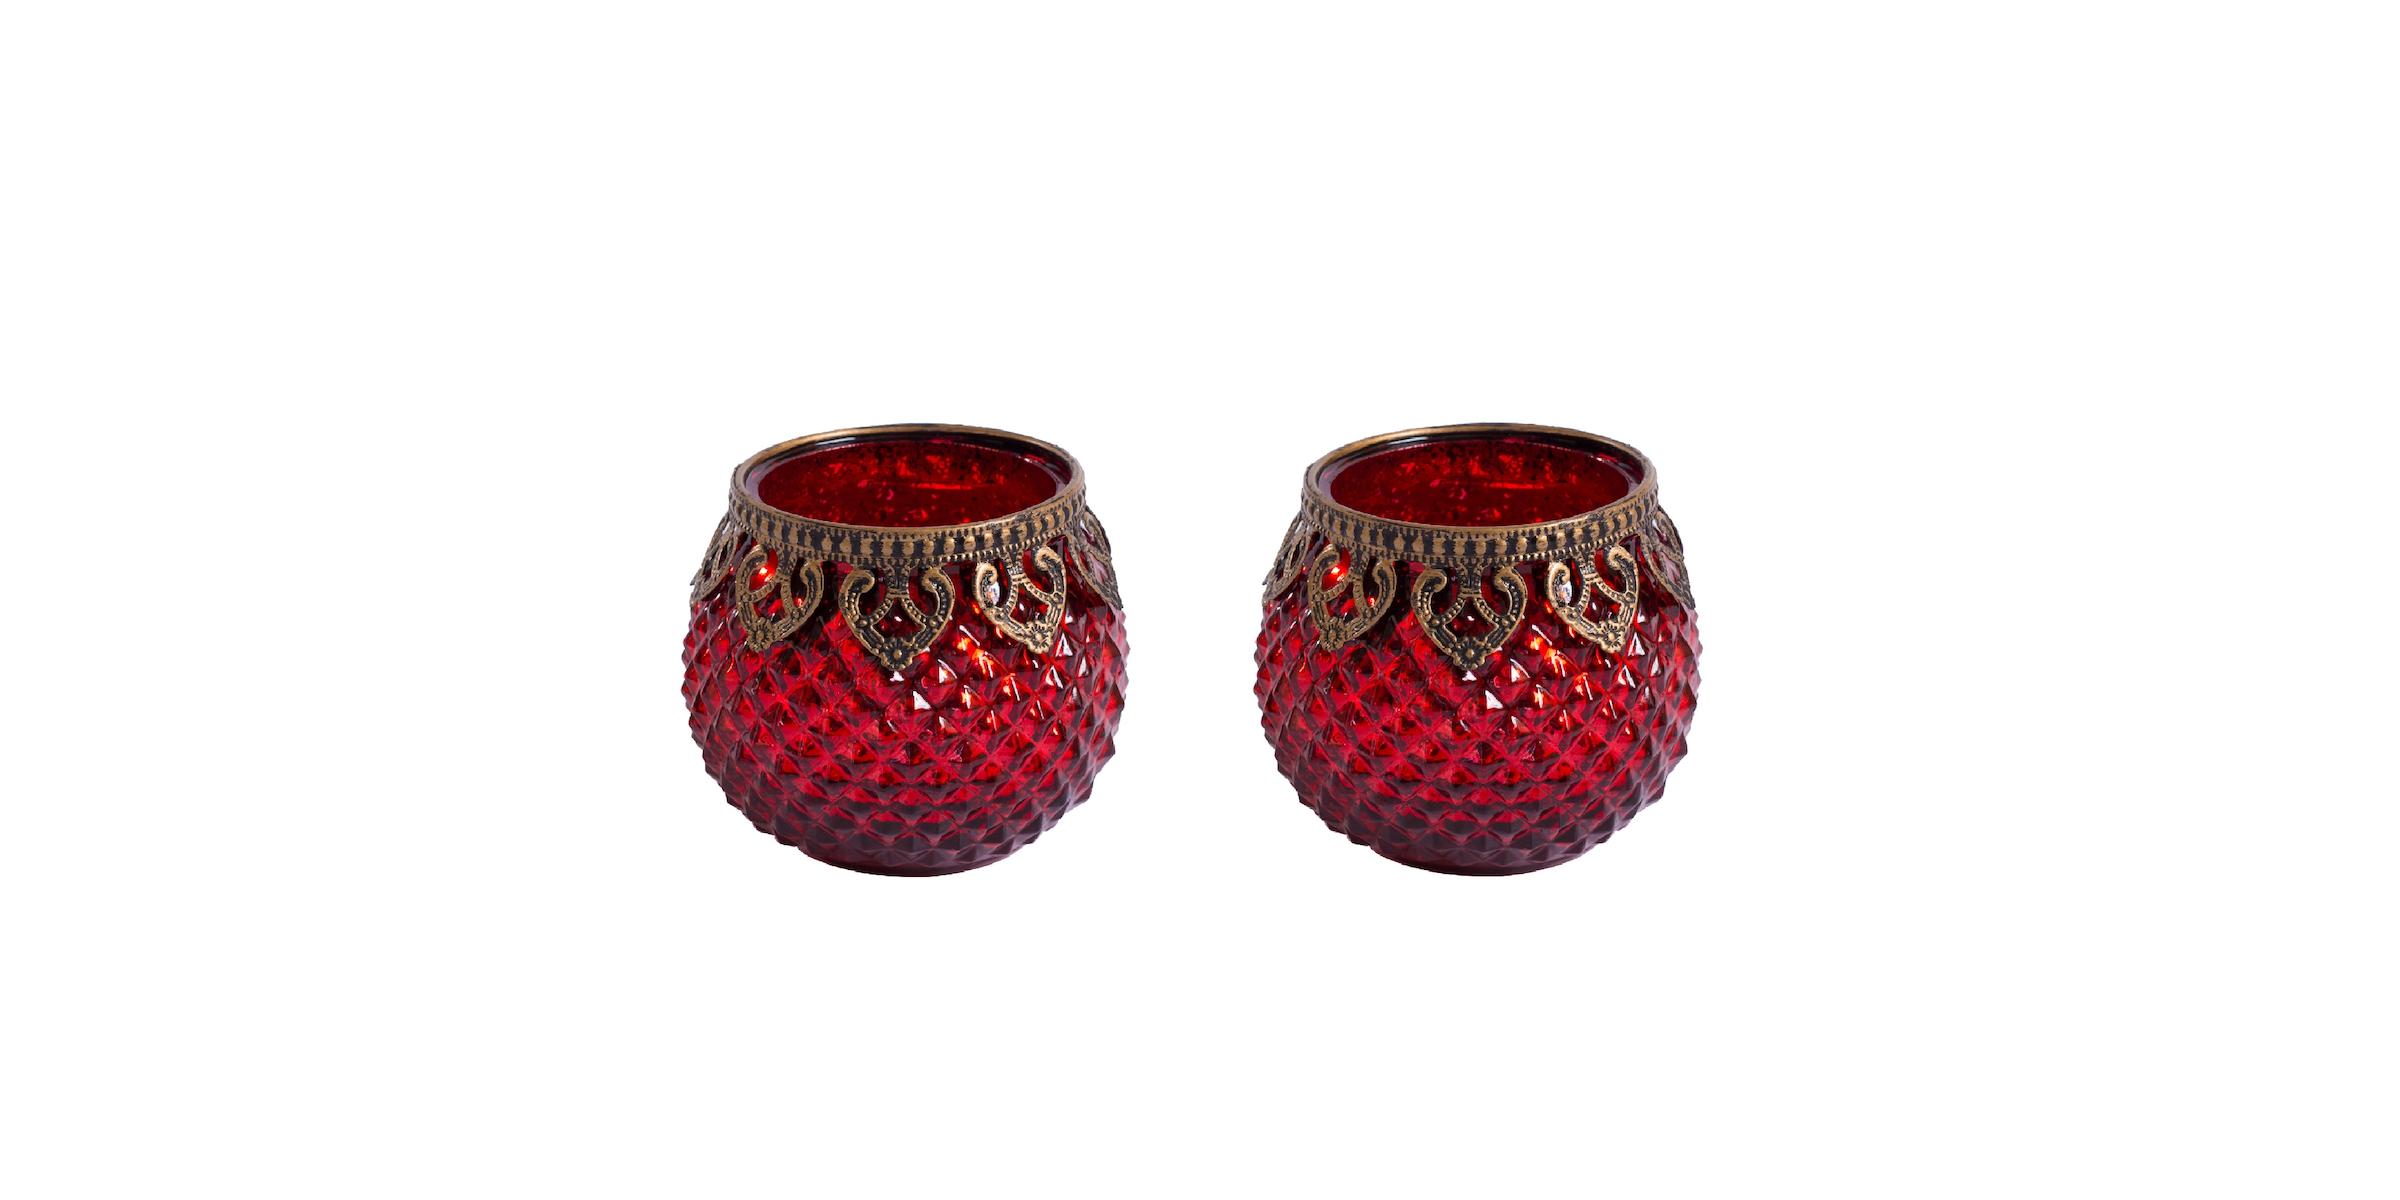 Original Windlicht Teelichtglas Rot Gold